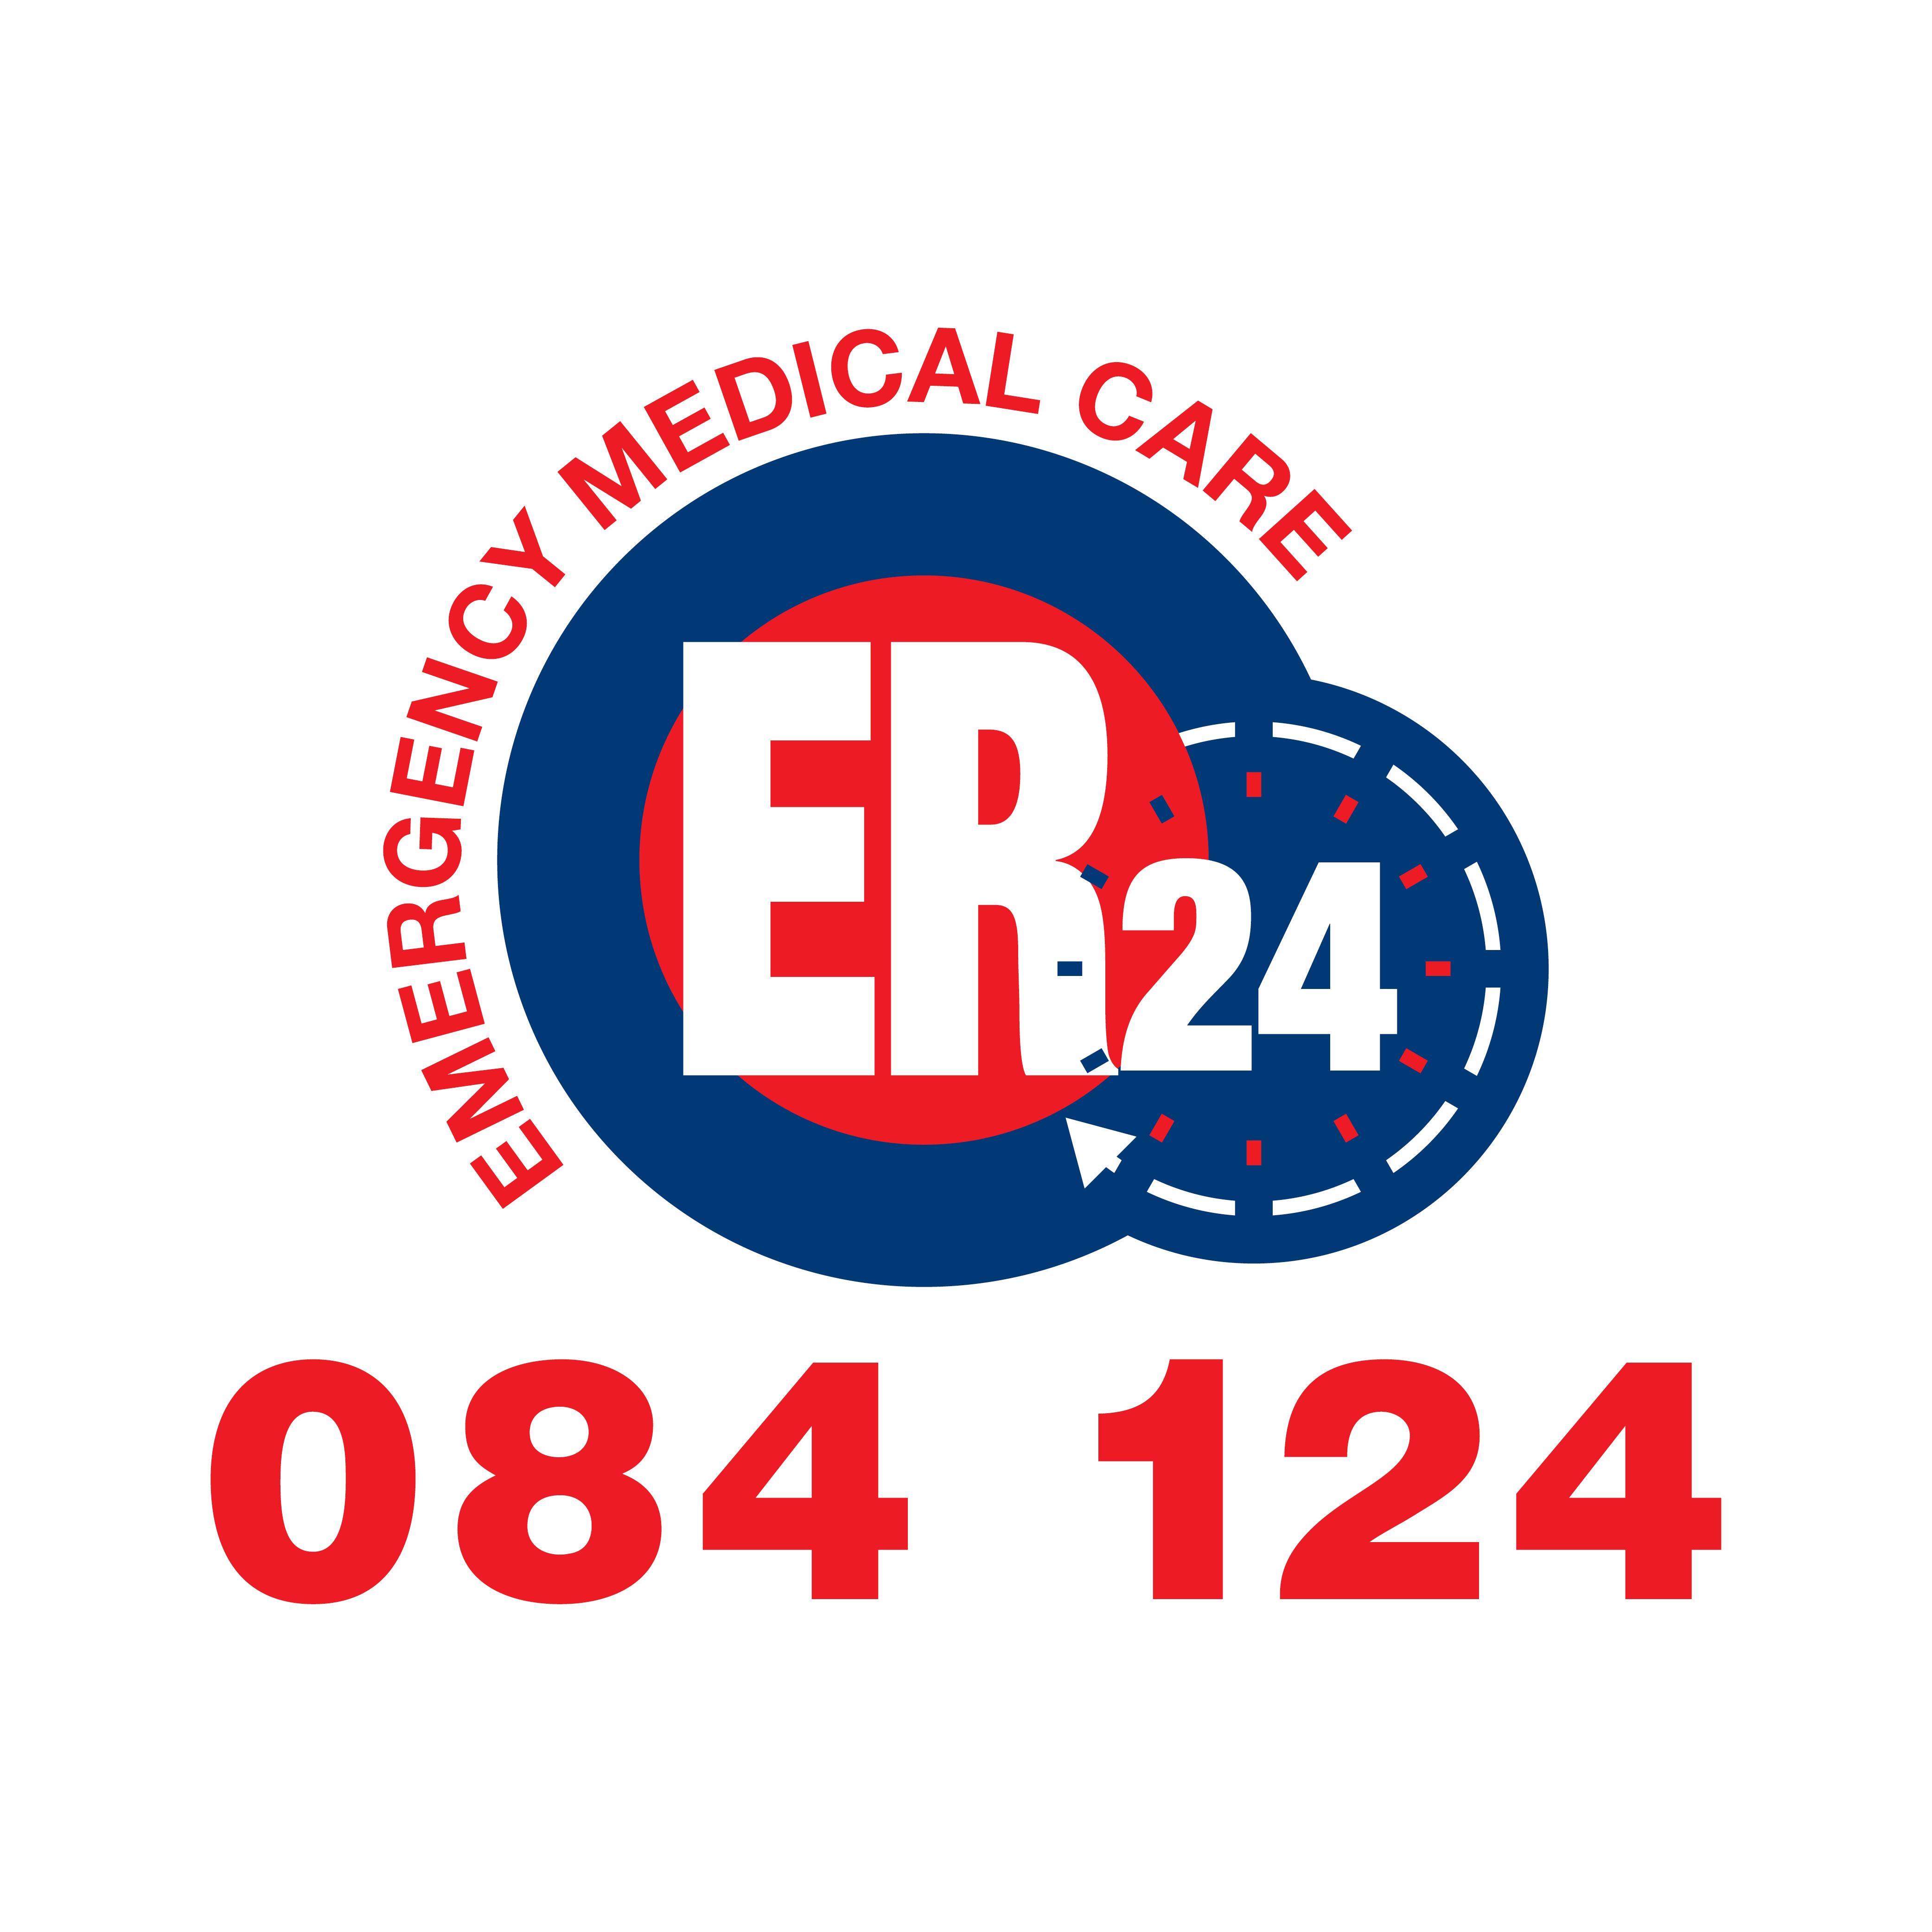 ER24 Paarl